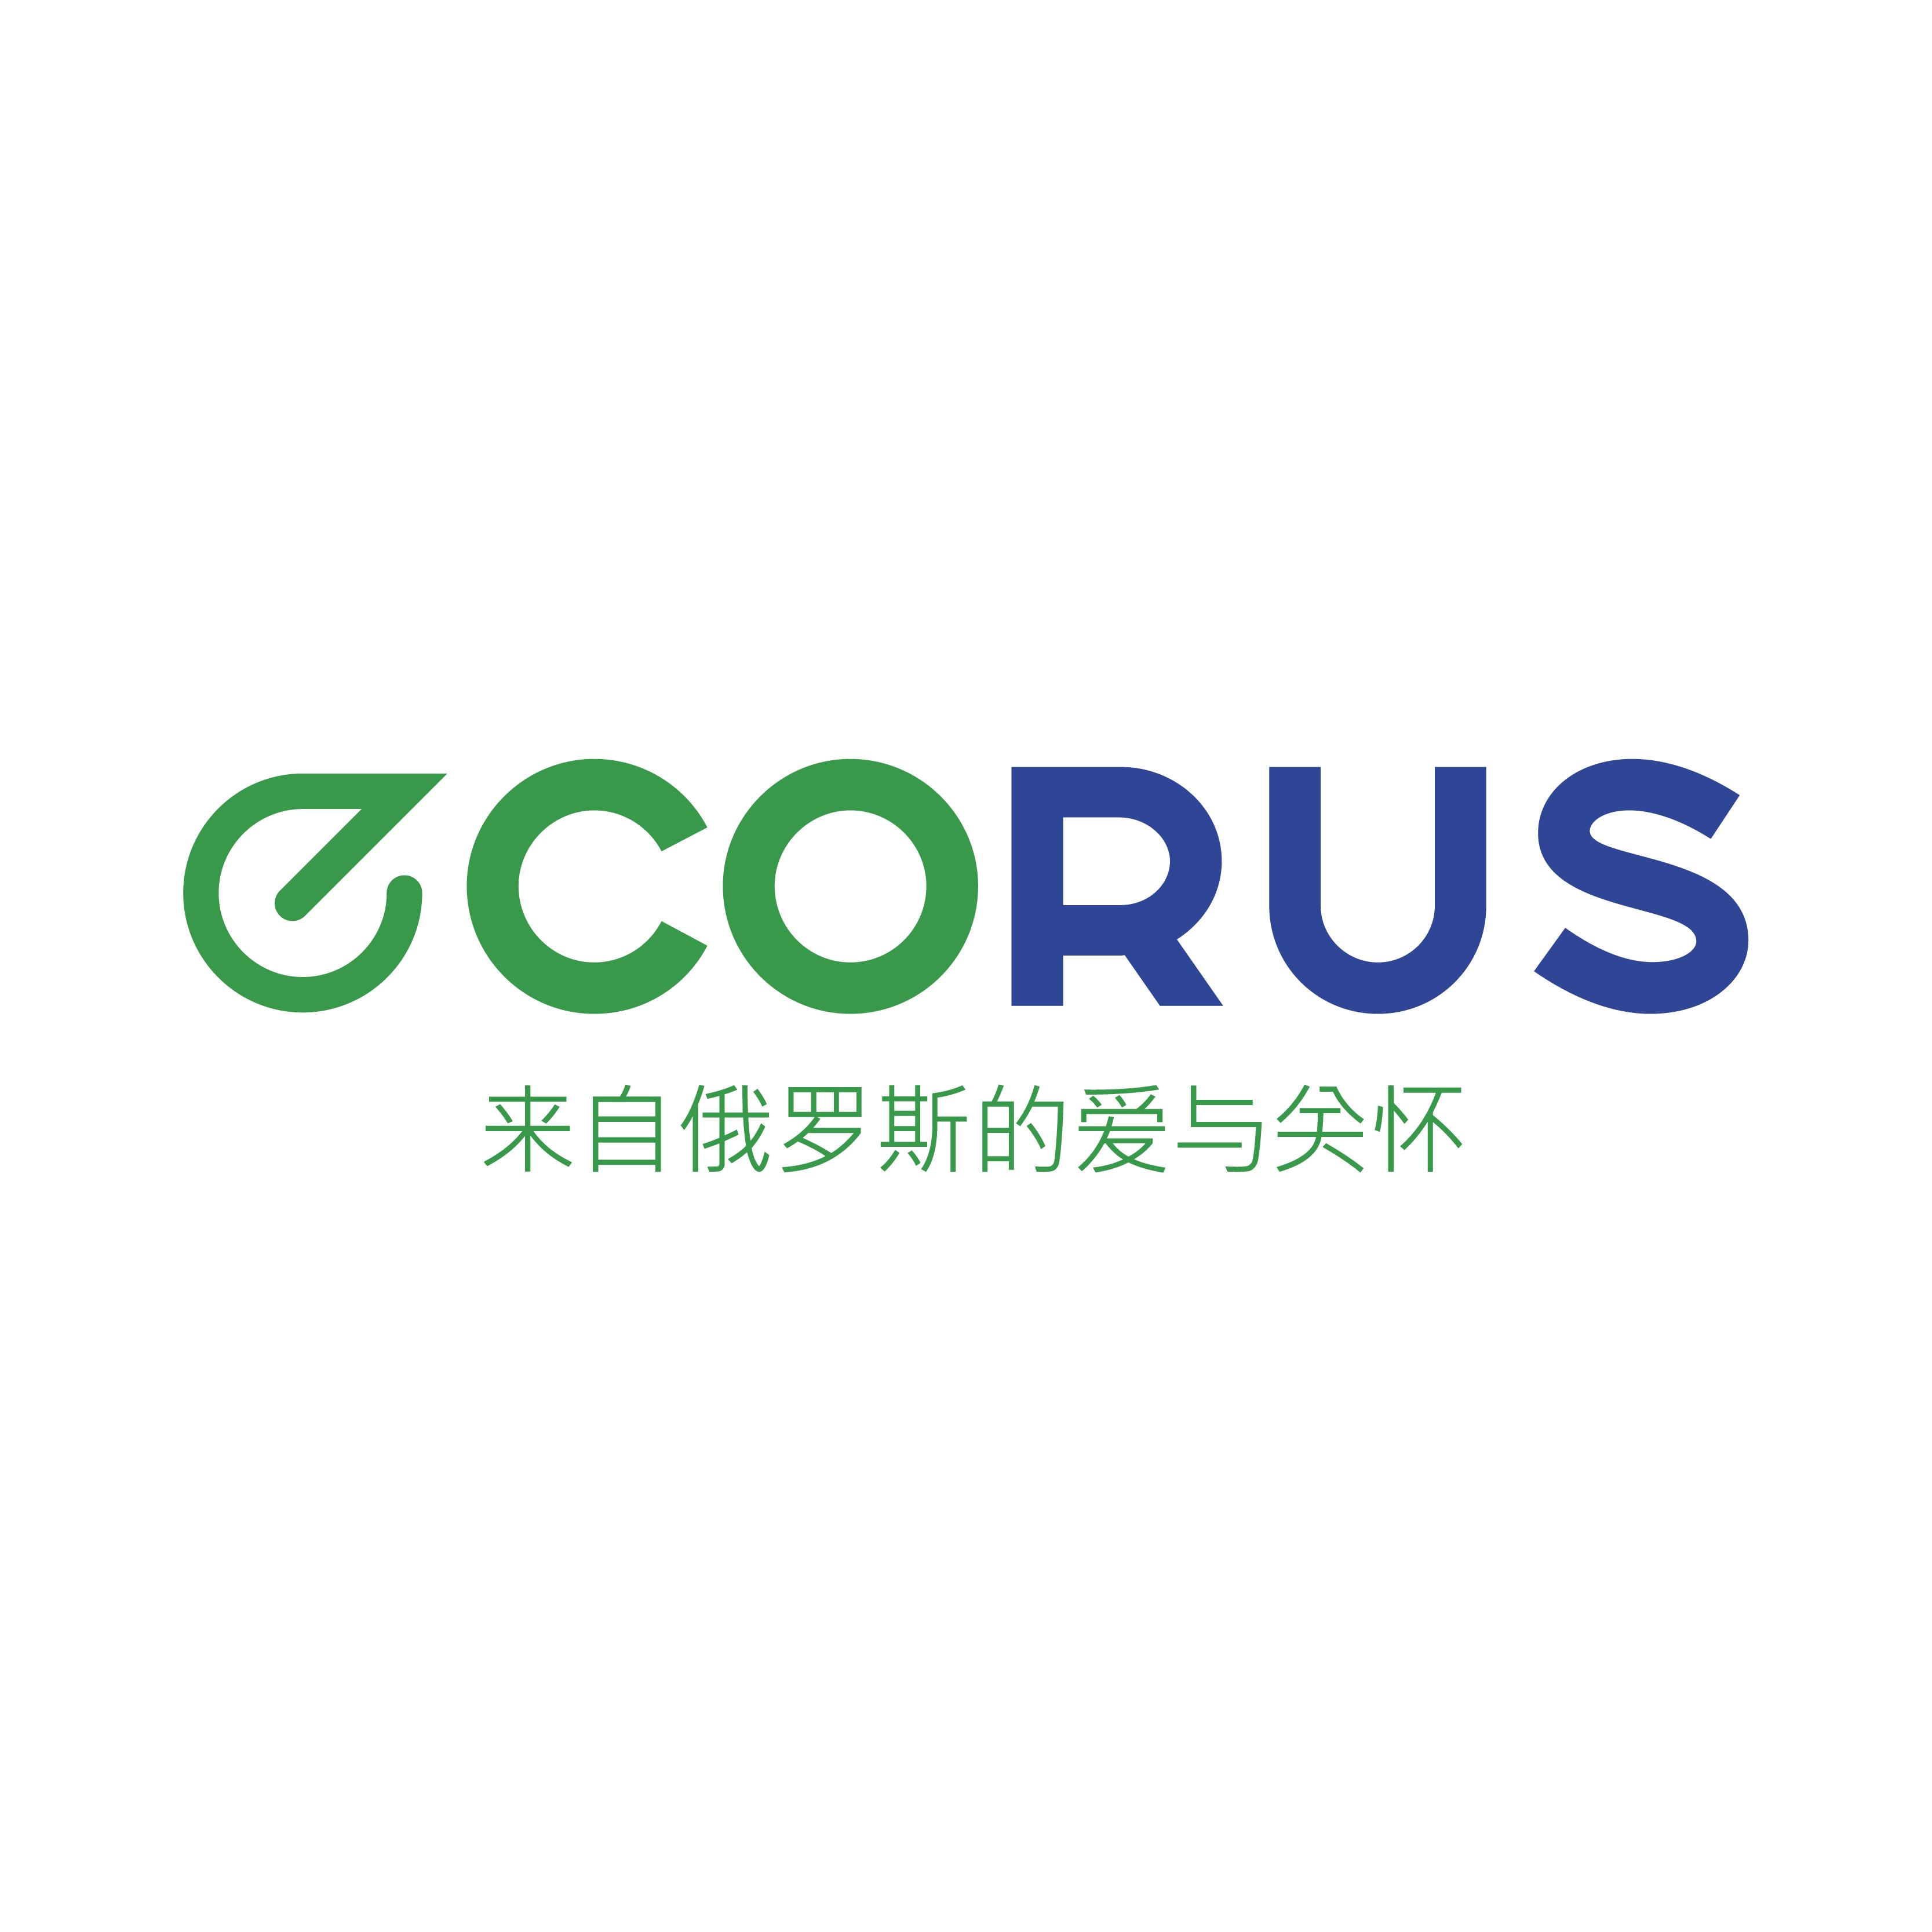 Логотип для поставщика продуктов питания из России в Китай фото f_2845eaa1687de43b.png